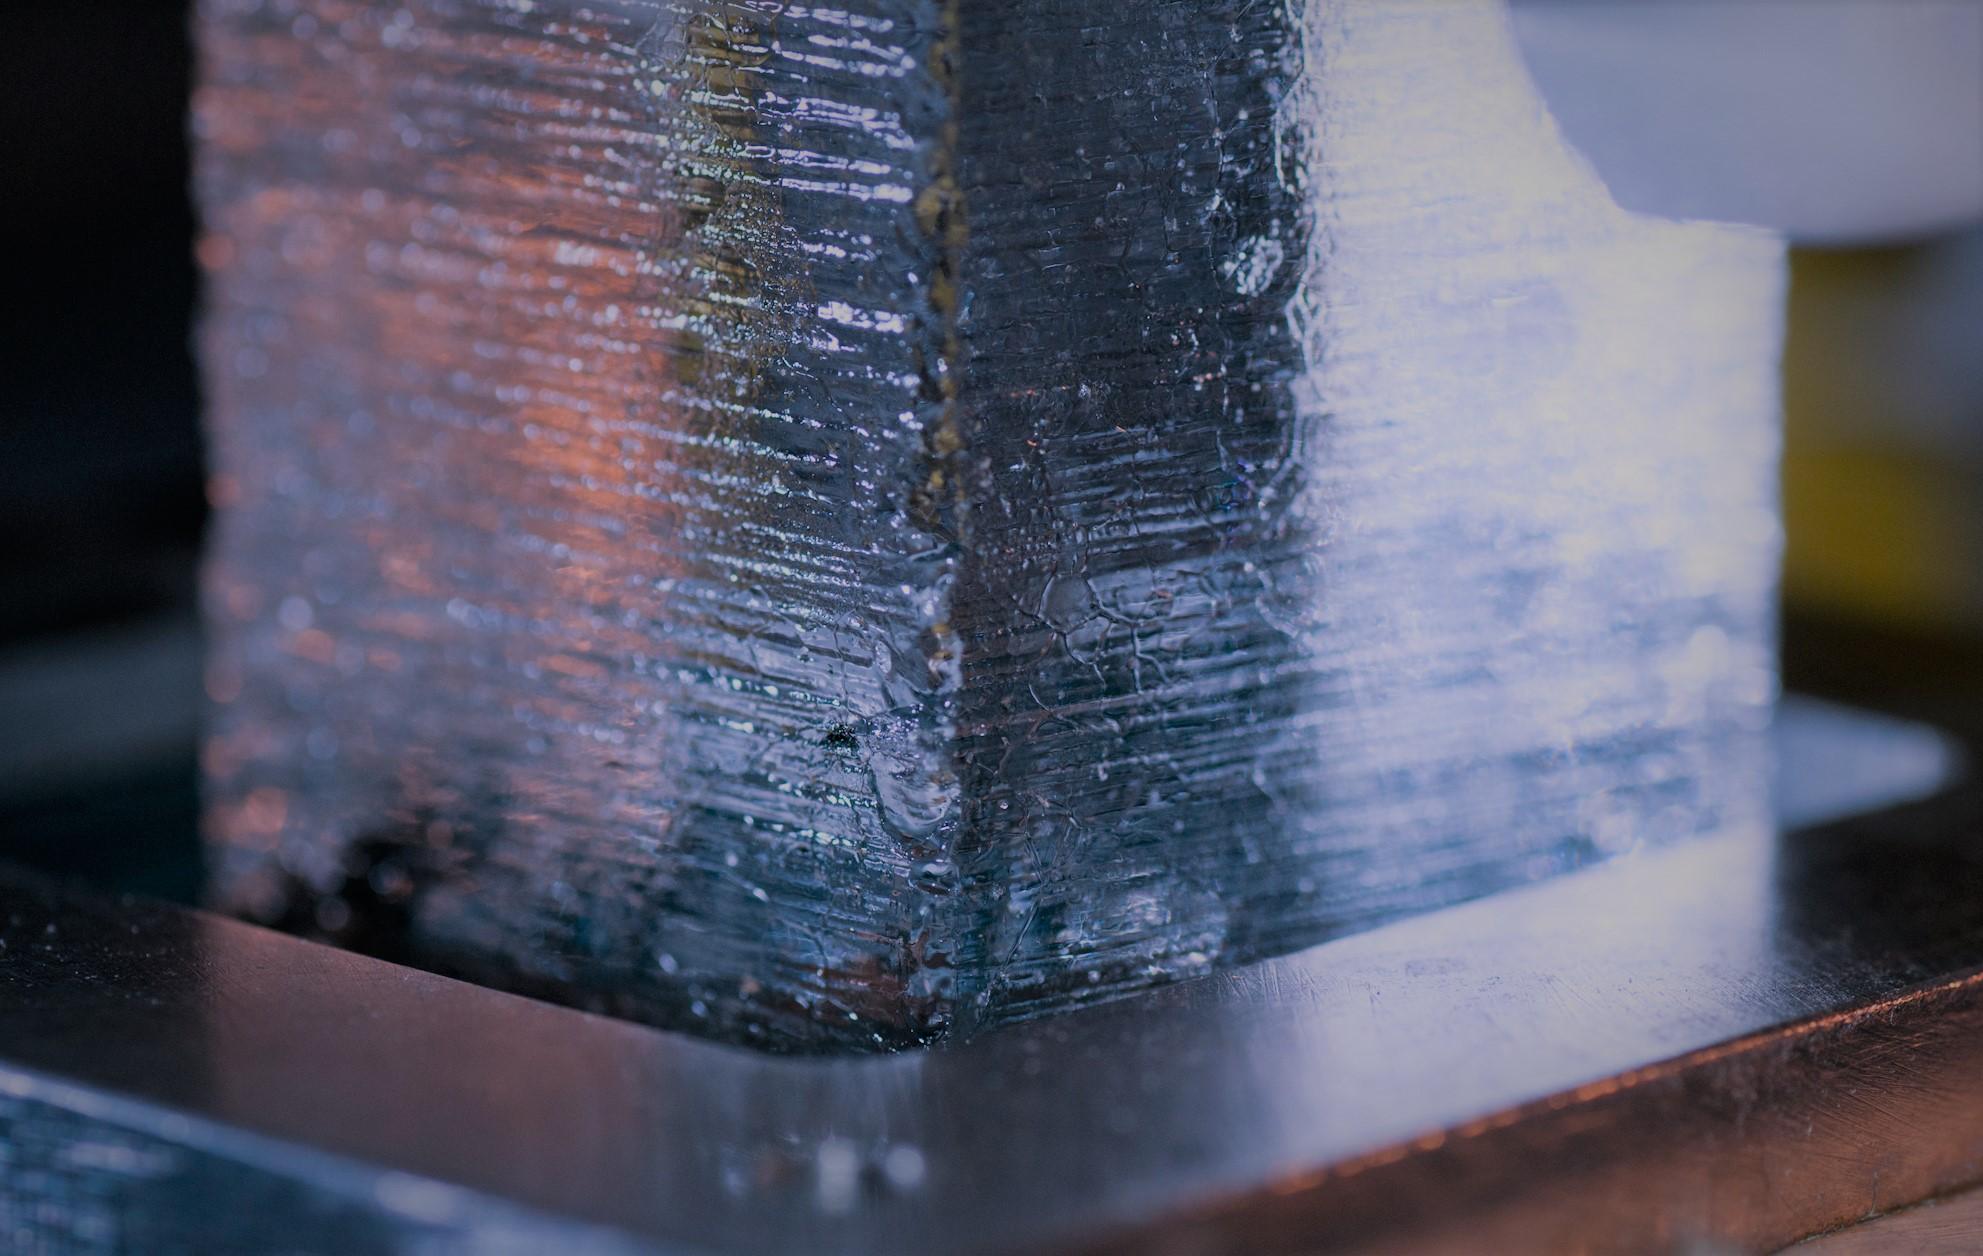 Der «WAIS Divide»-Eiskern wird auf Schwefel und andere Spurenelemente analysiert, um die vulkanischen Eruptionen zu identifizieren, mit denen die verschiedenen Eiskerne aus der gesamten Antarktis auf einen gemeinsamen Zeitstrahl gebracht werden können.  Bild: Sylvain Masclin